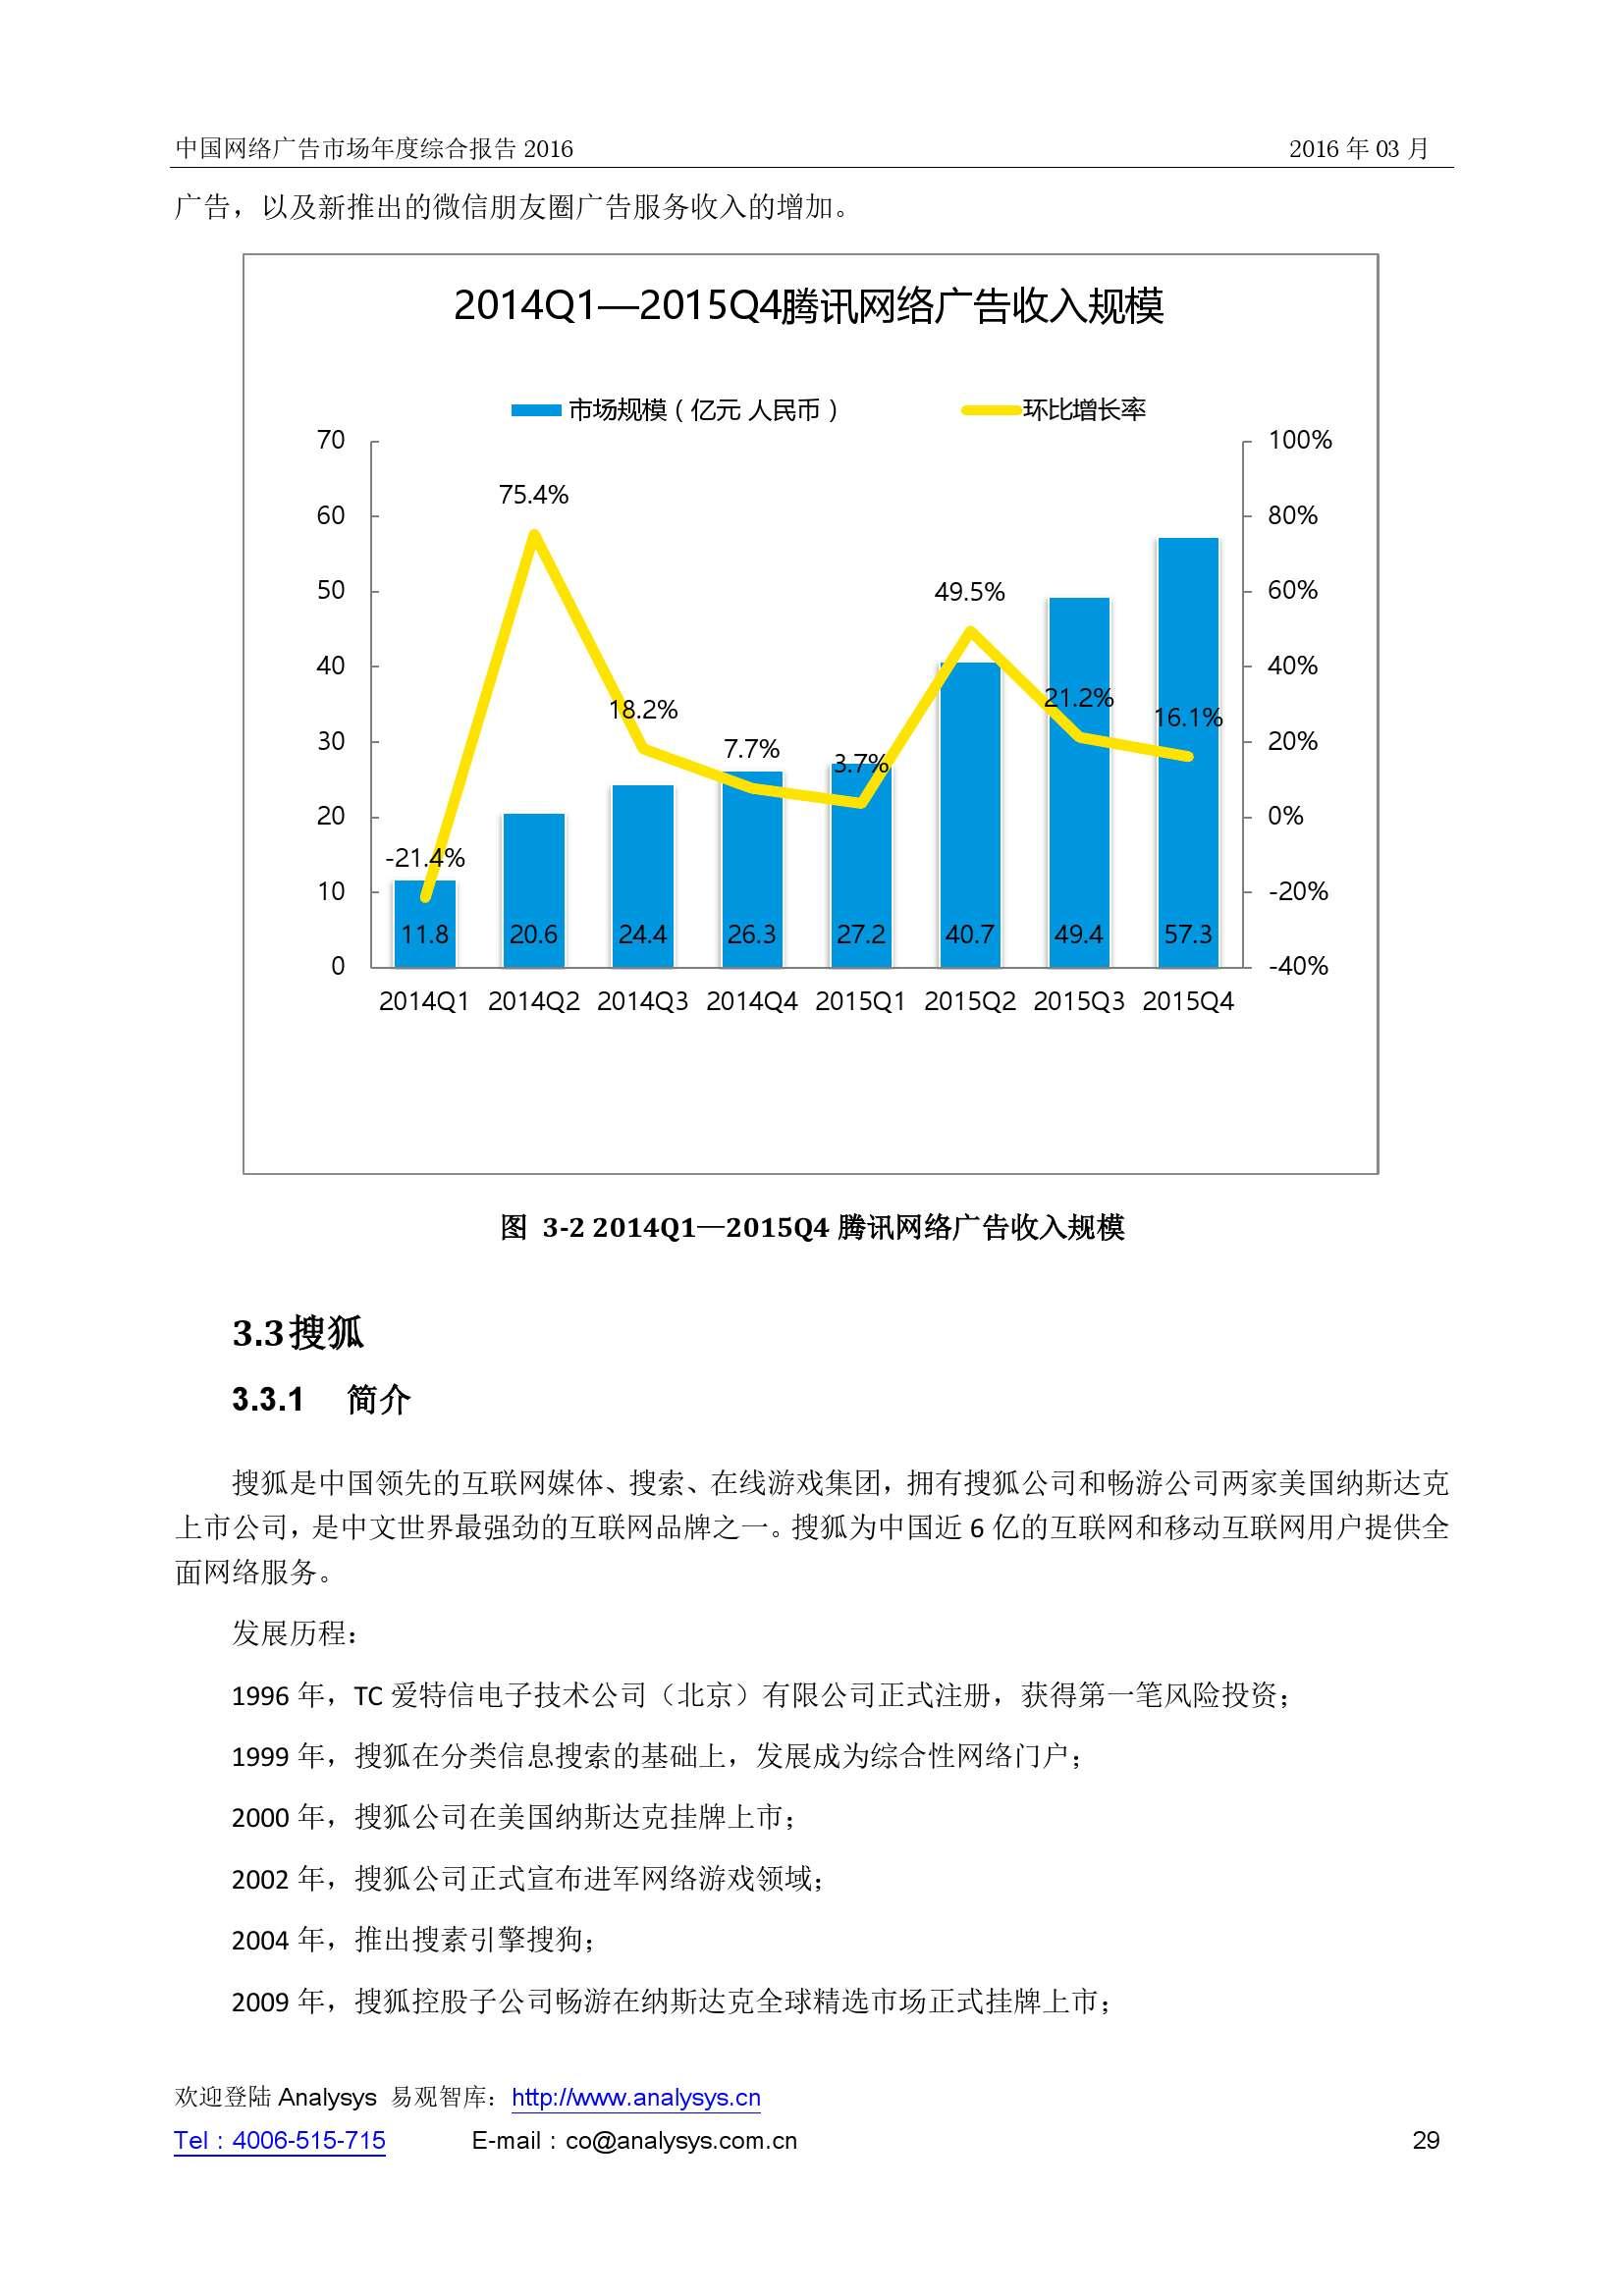 中国网络广告市场年度综合报告2016_000029